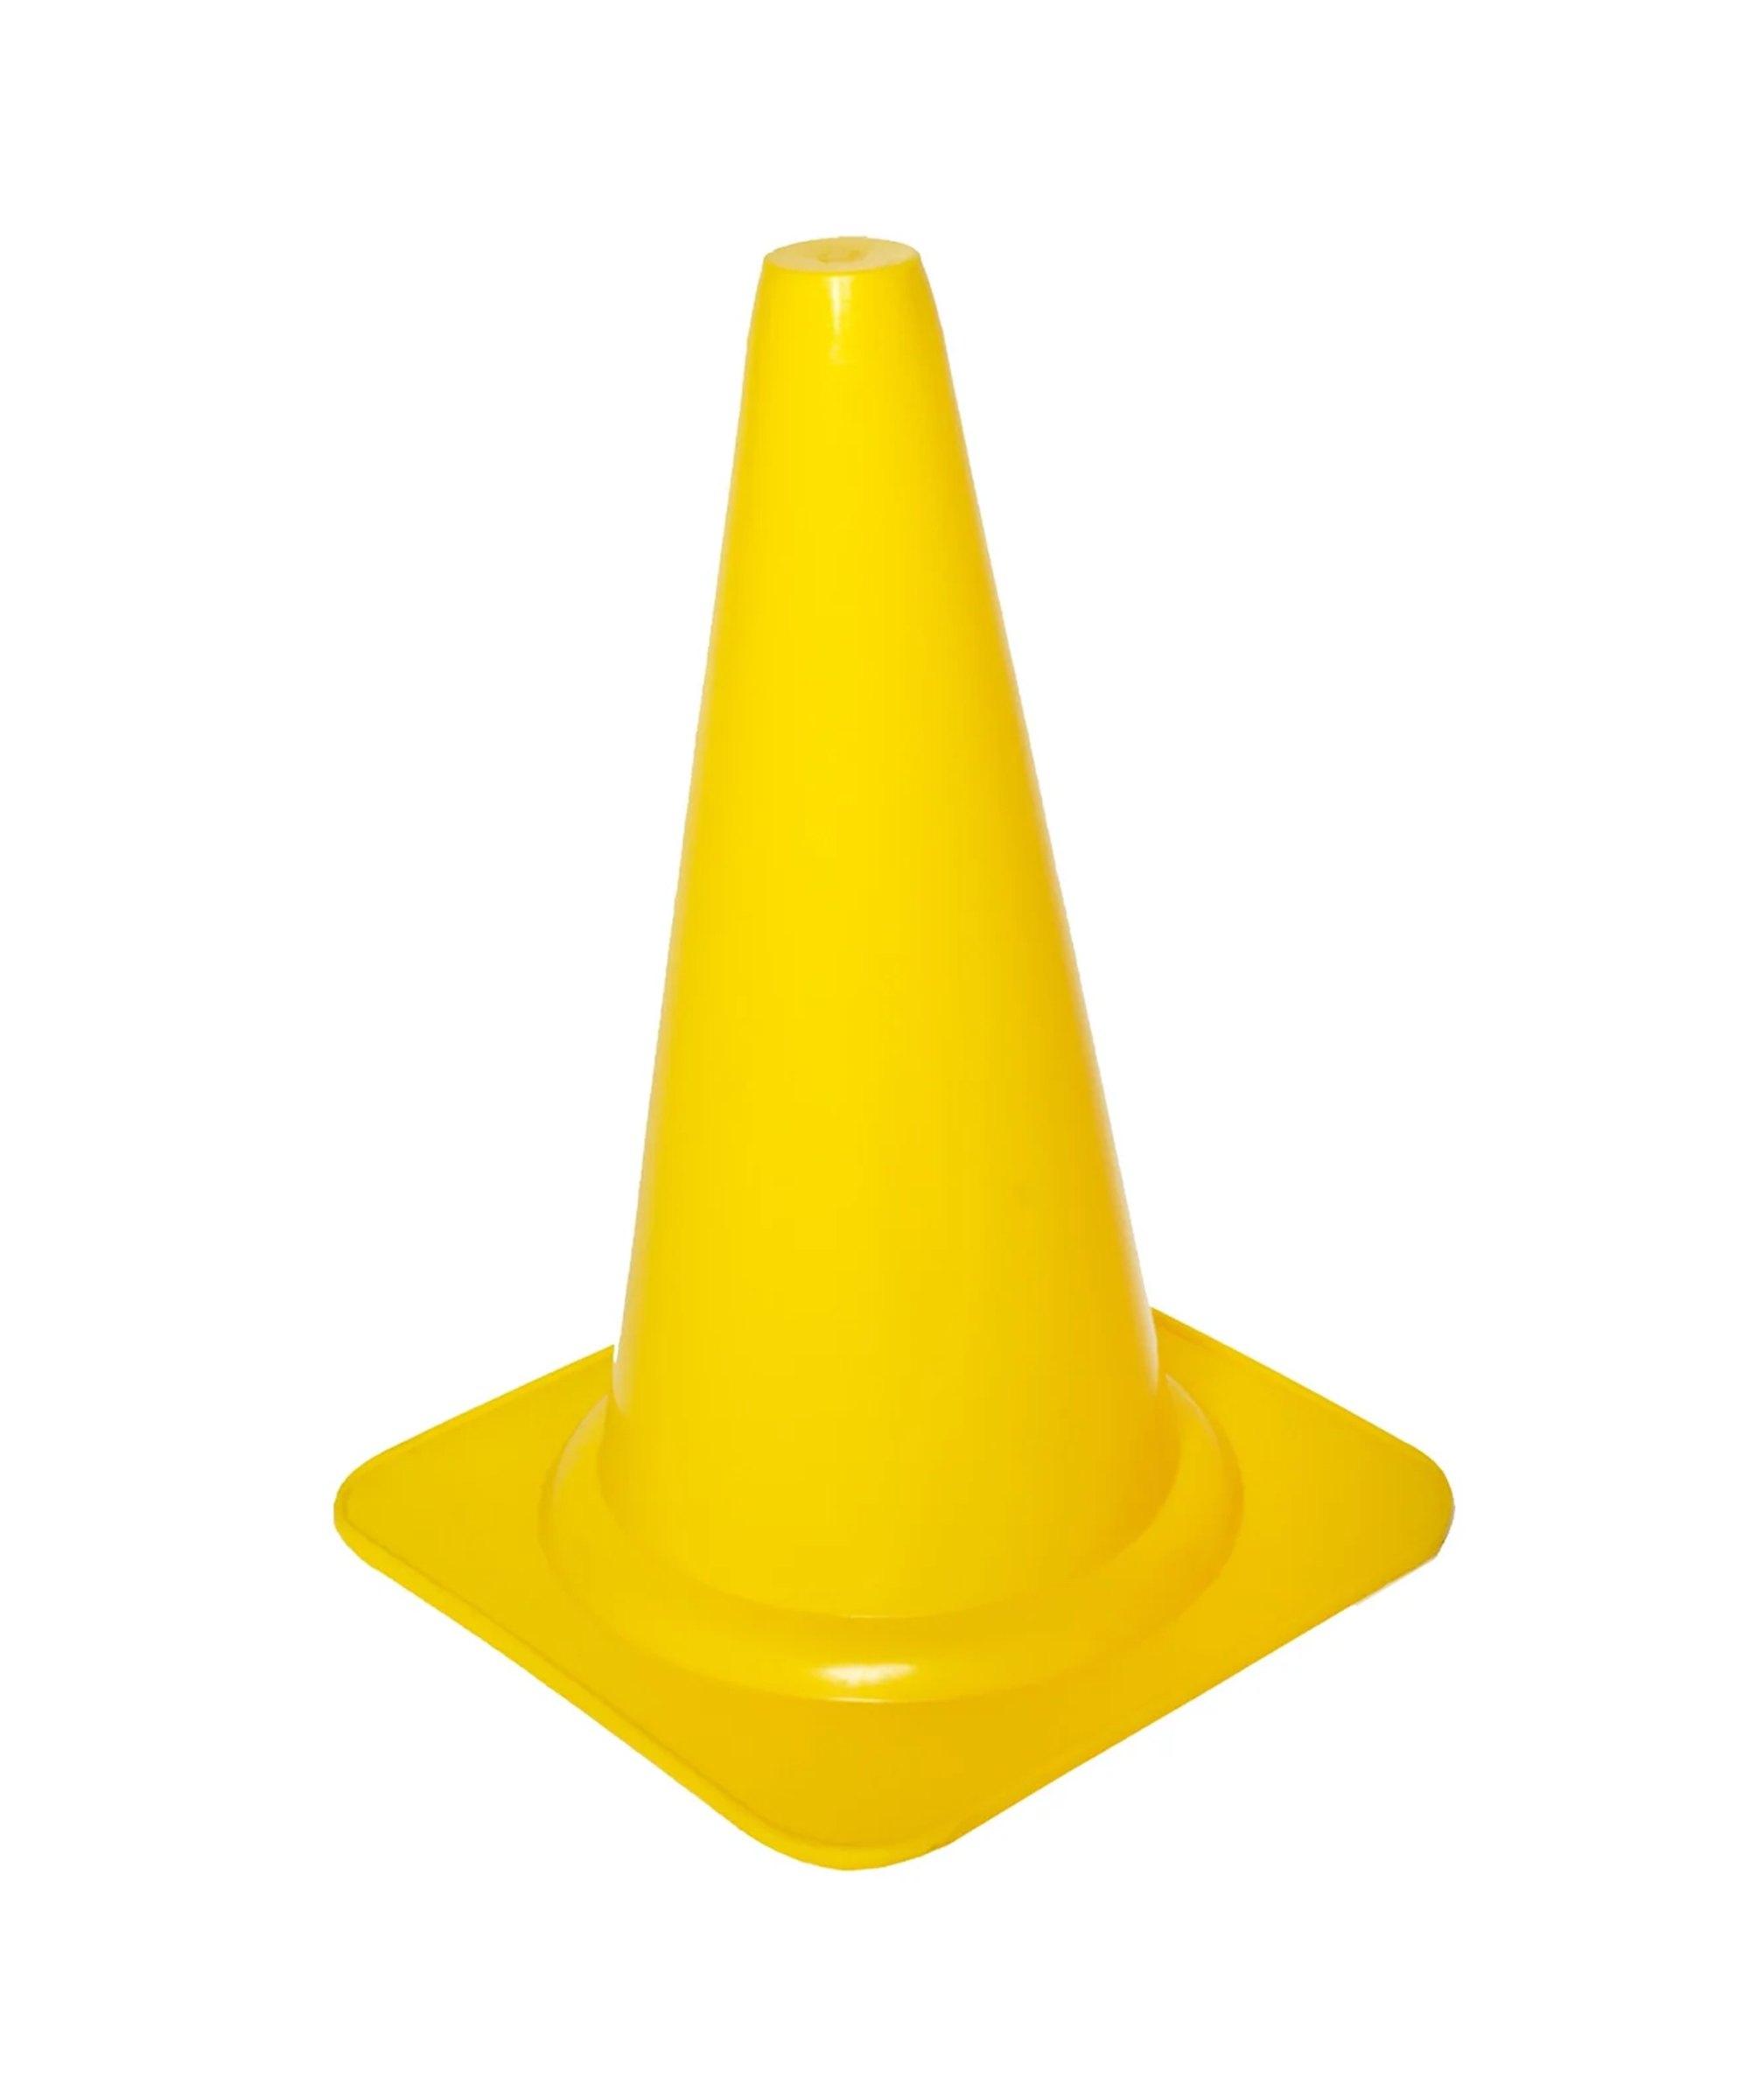 Cawila Markierungskegel L 40cm Gelb - gelb